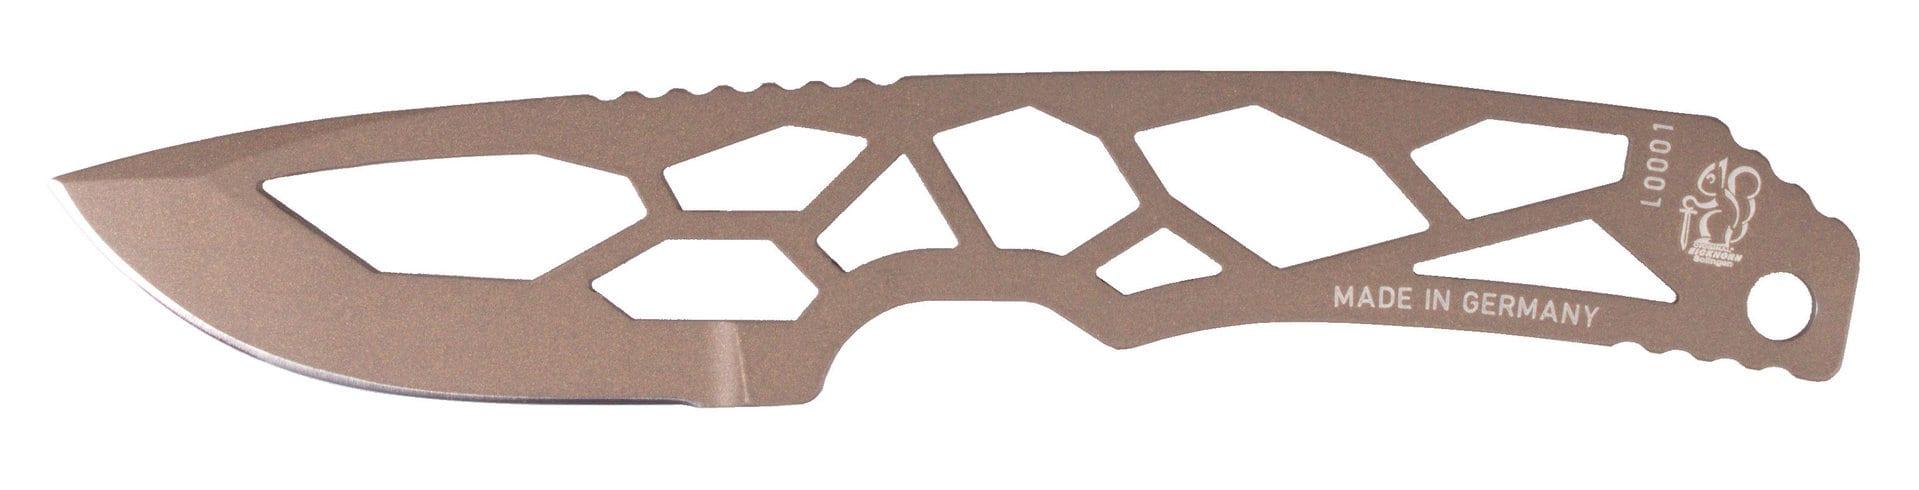 Eickhorn Midgards-Messer Sif Ultralight Farbe Berylium plus extra Scheide aus TPU zusätzlich zur Kydexscheide